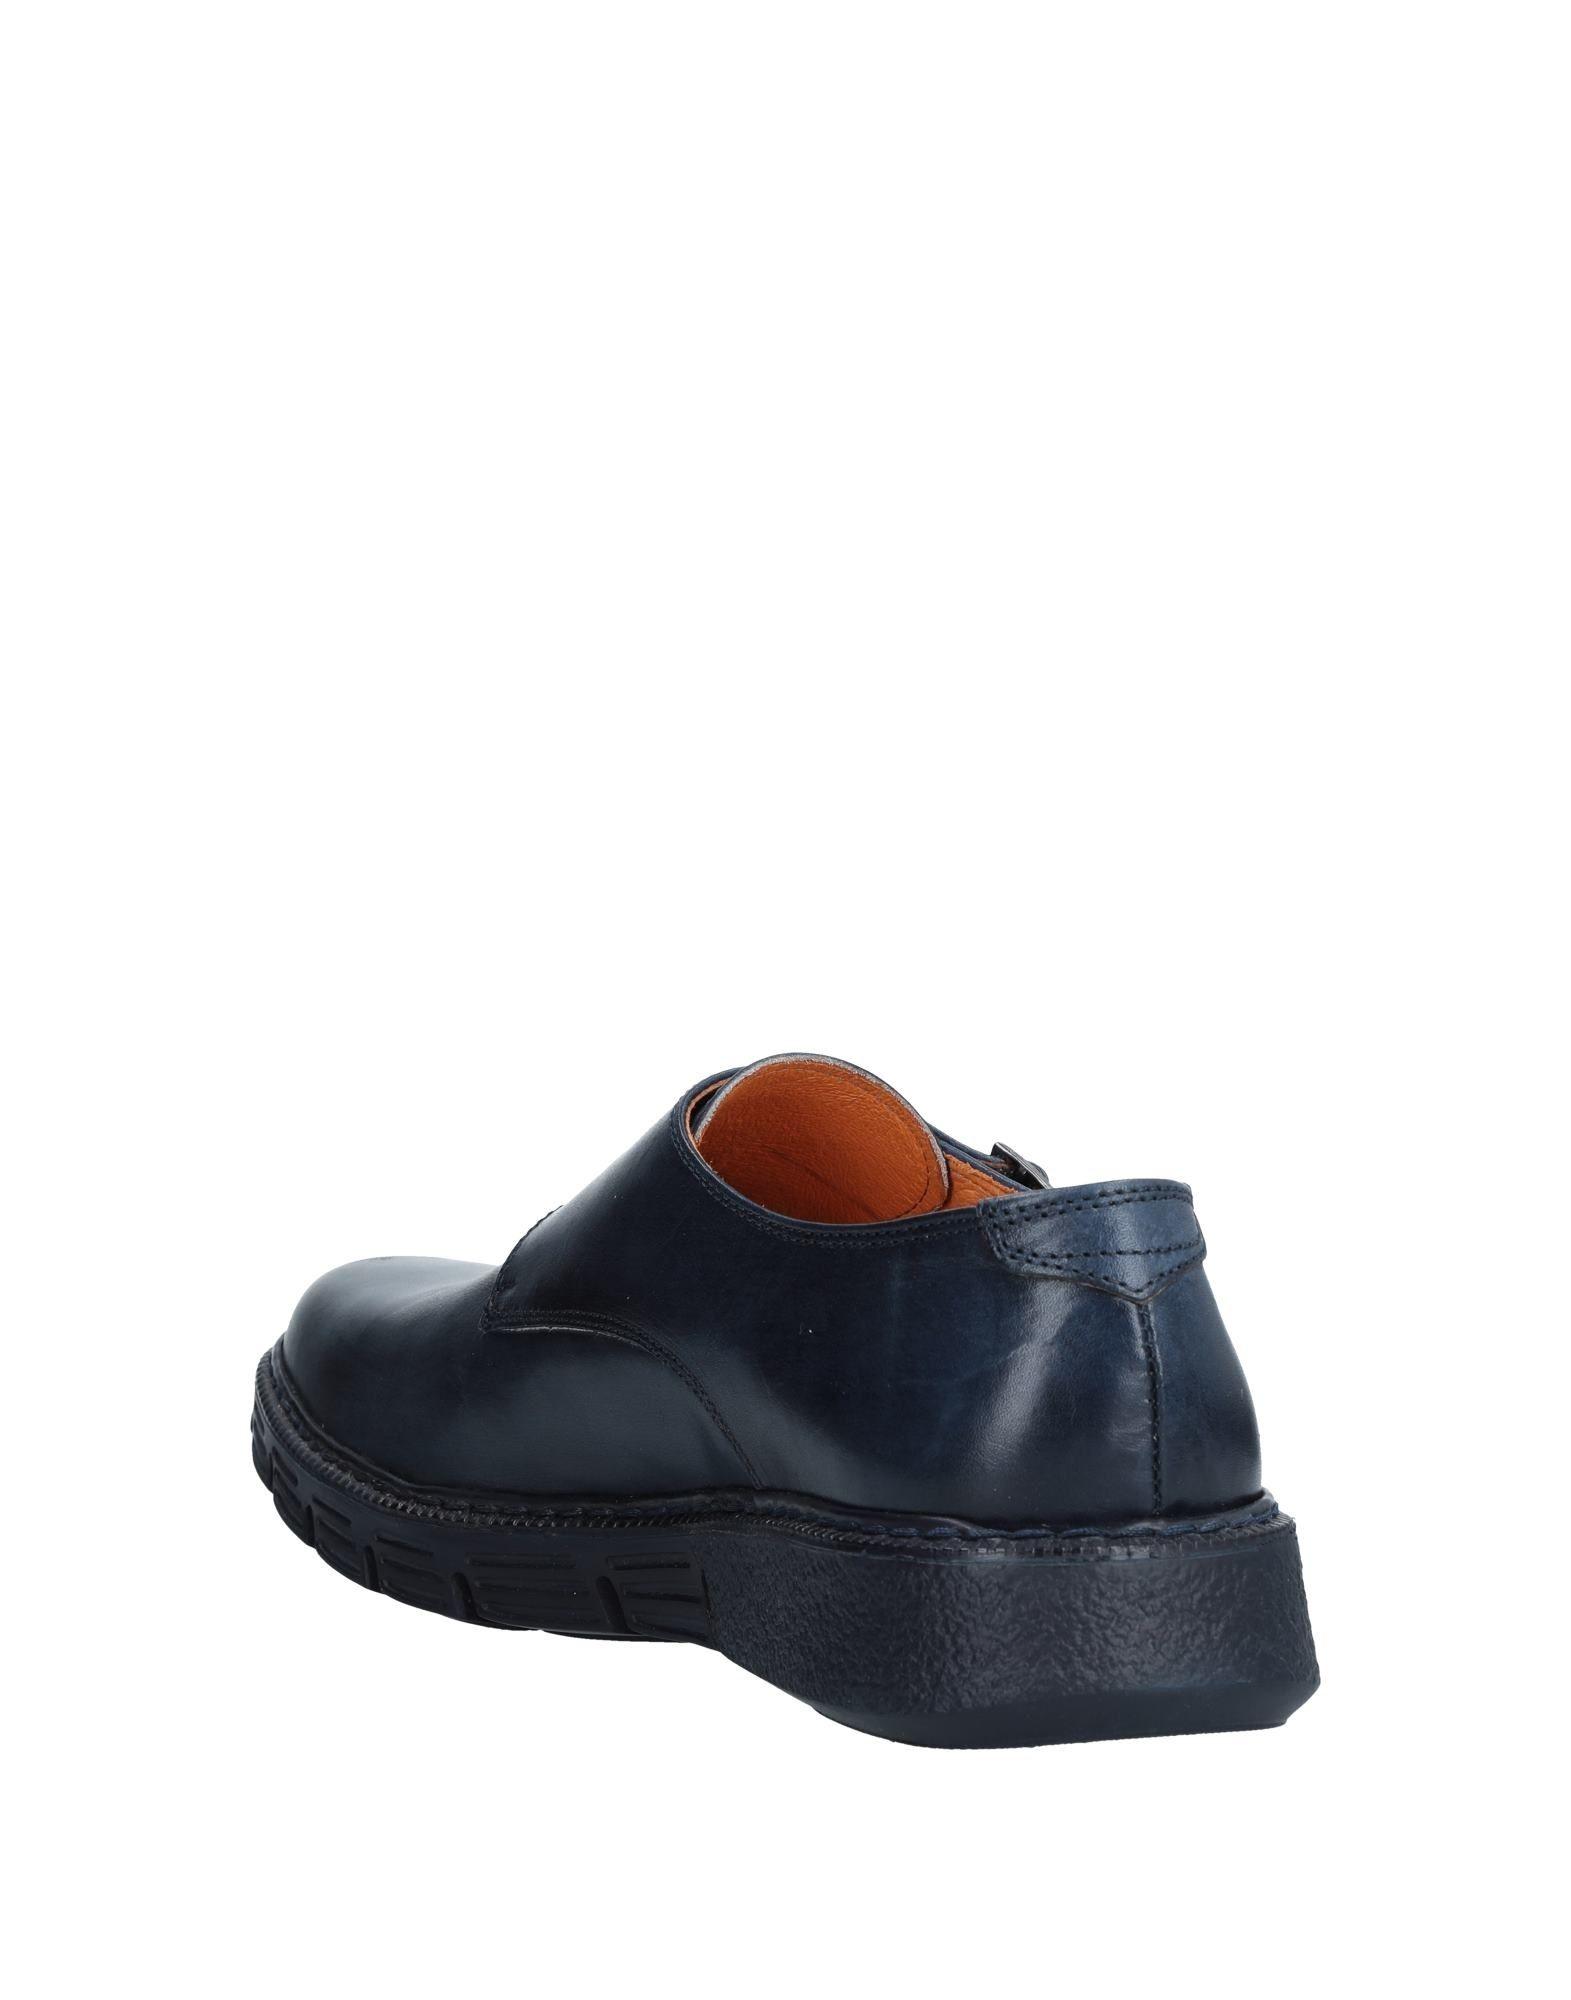 Domenico on Tagliente Loafers - Men Domenico Tagliente Loafers online on Domenico  Australia - 11542487GR 0ebb13